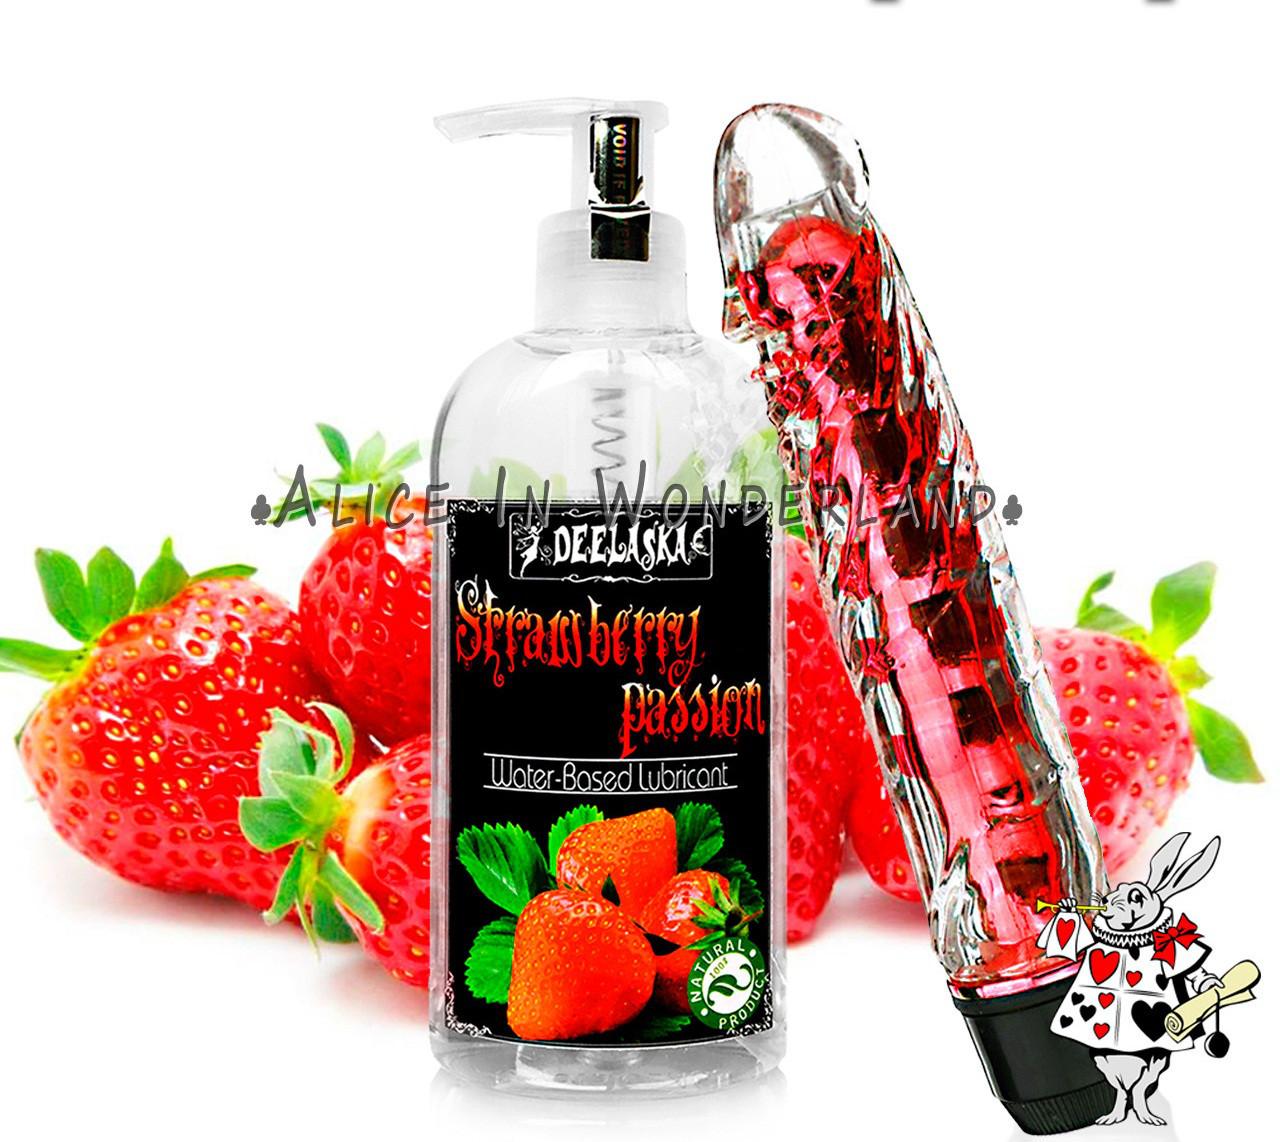 Вибратор Вагинально - Анальный + Лубрикант на водной основе смазка клубника 200 ml смазка Strawberry passion